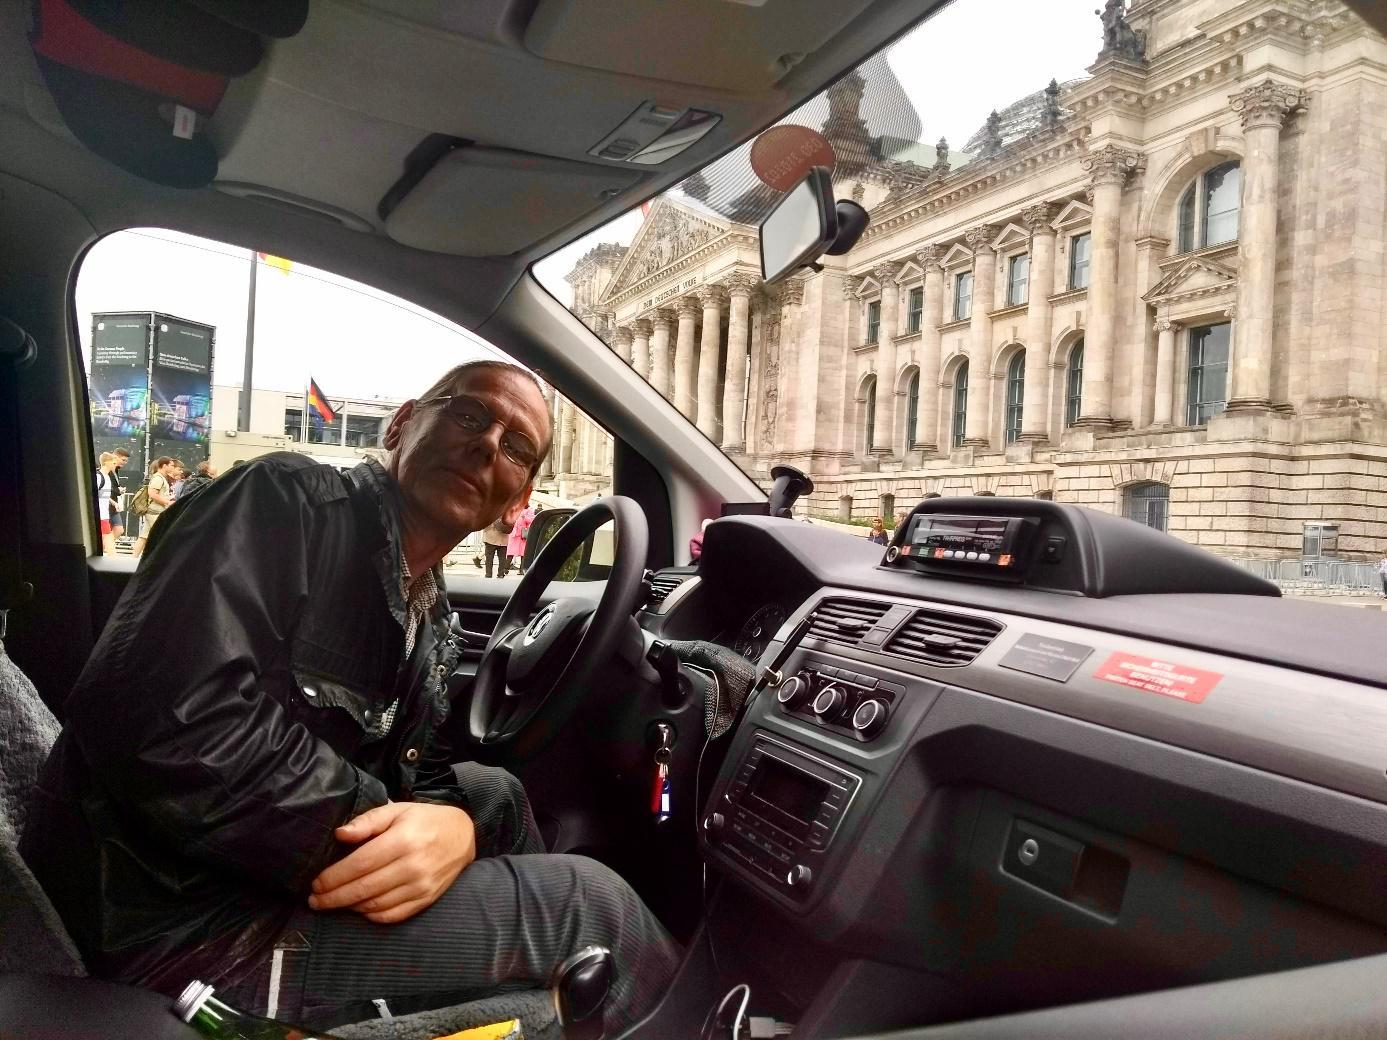 de-stem-van-een-(bijna)-taxichauffeur-over-zelfrijdende-auto's